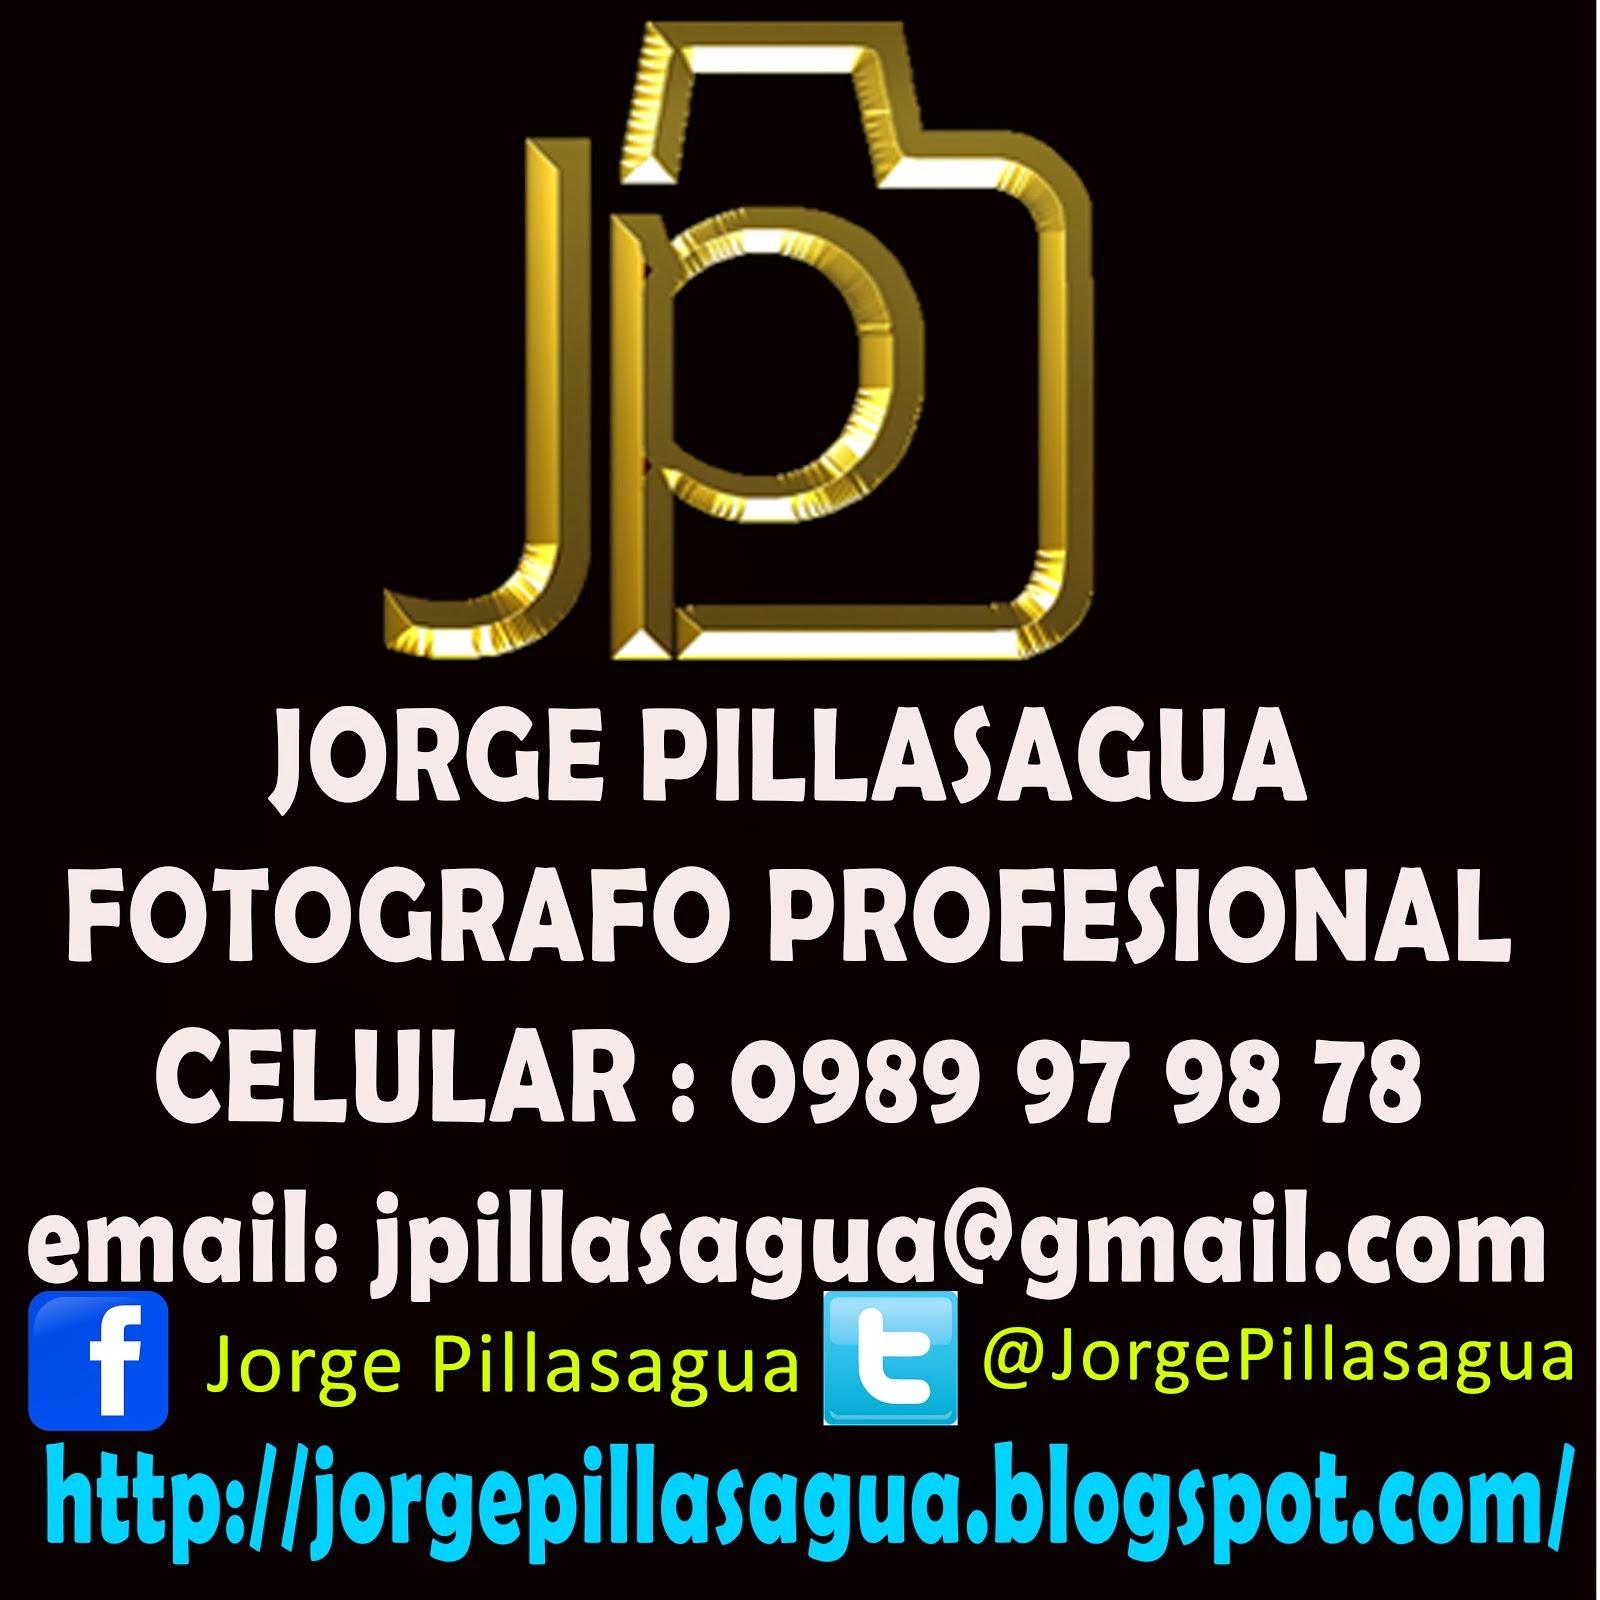 Mi tarjeta de presentación - jorge Pillasagua - Fotógrafo Manabita Portoviejo